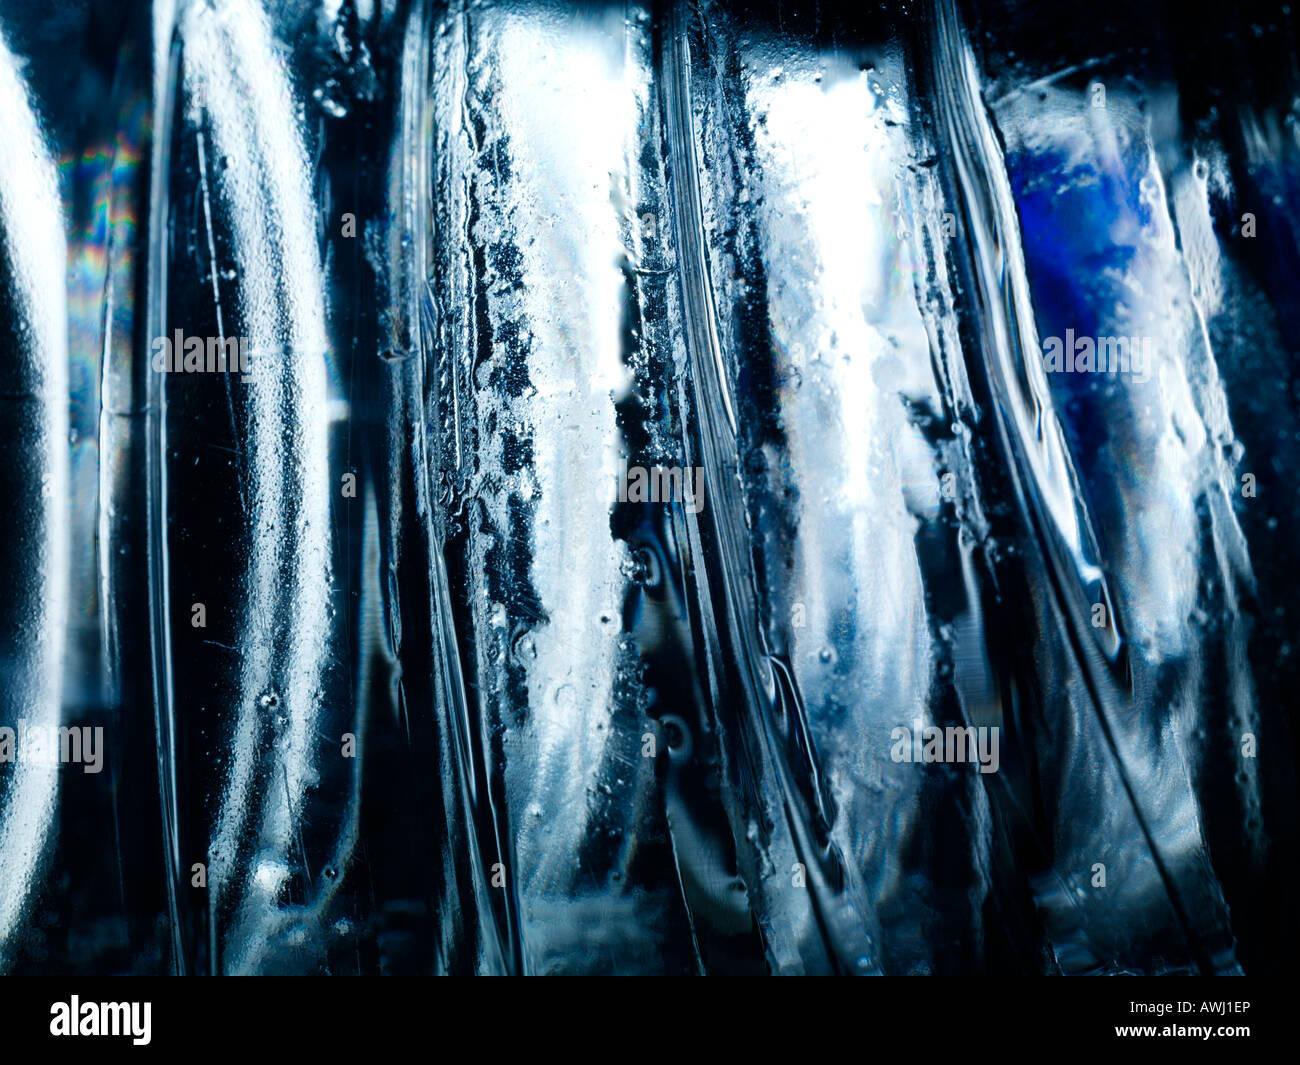 Imágenes de arte abstracto archivos grandes, el tamaño de una botella de plástico, iluminada con Imagen De Stock